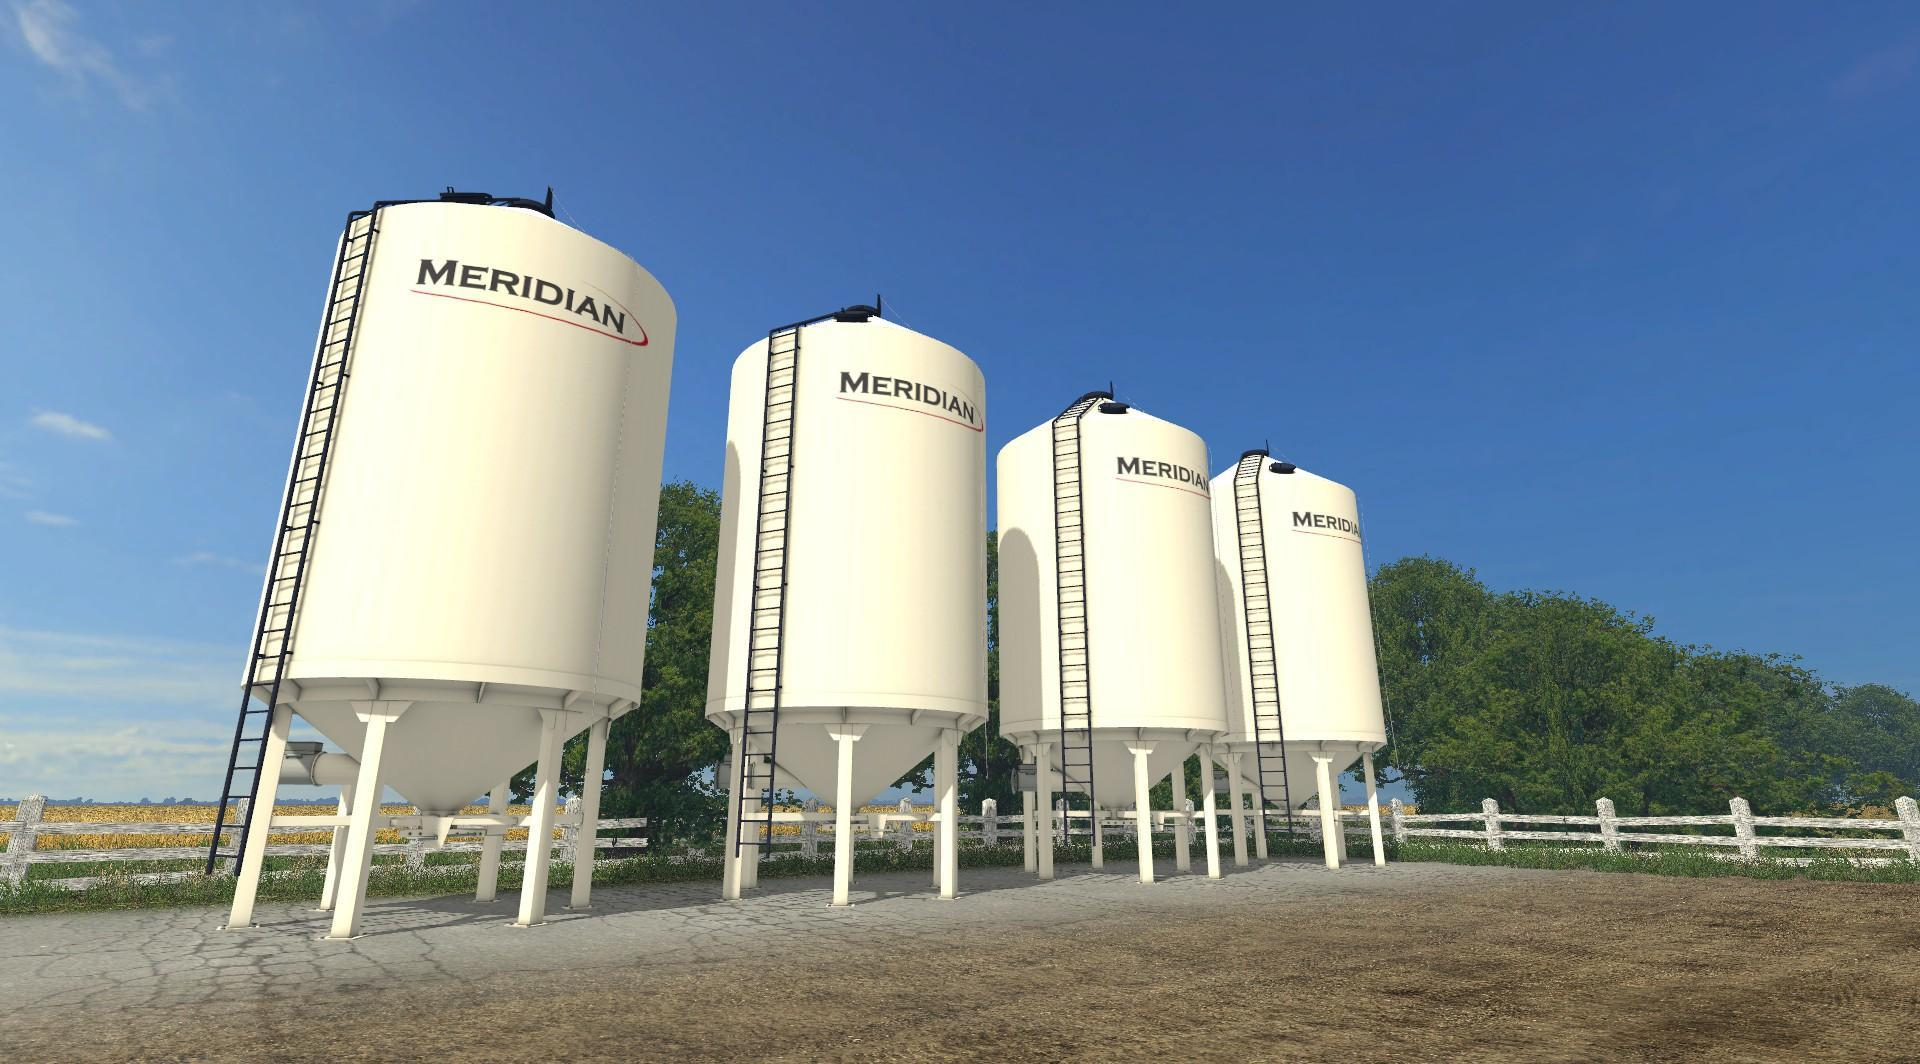 Meridian Bin 187 Gamesmods Net Fs19 Fs17 Ets 2 Mods